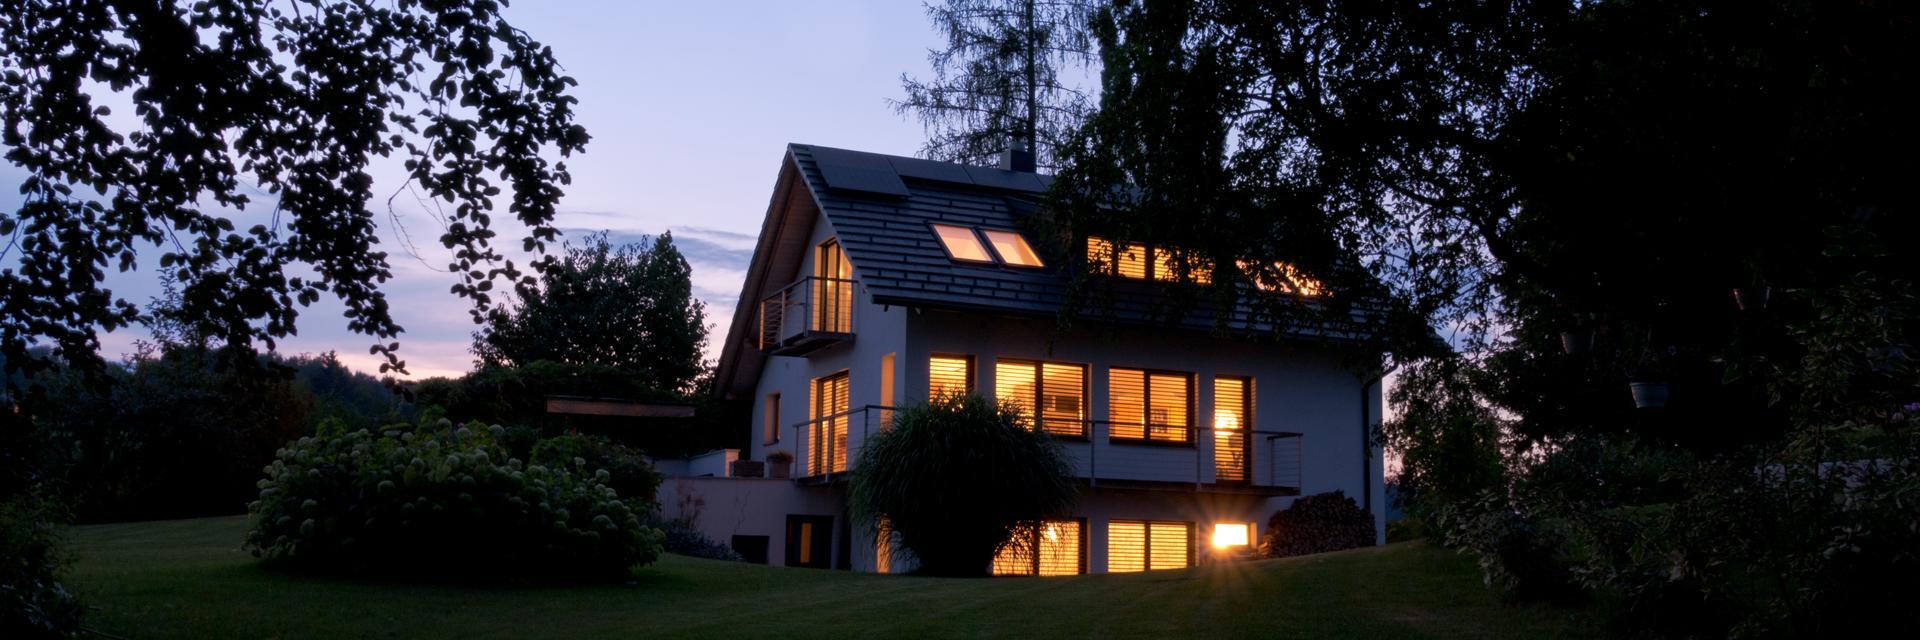 ADLHART-Architekten_Einfamilienhaus-Seeham